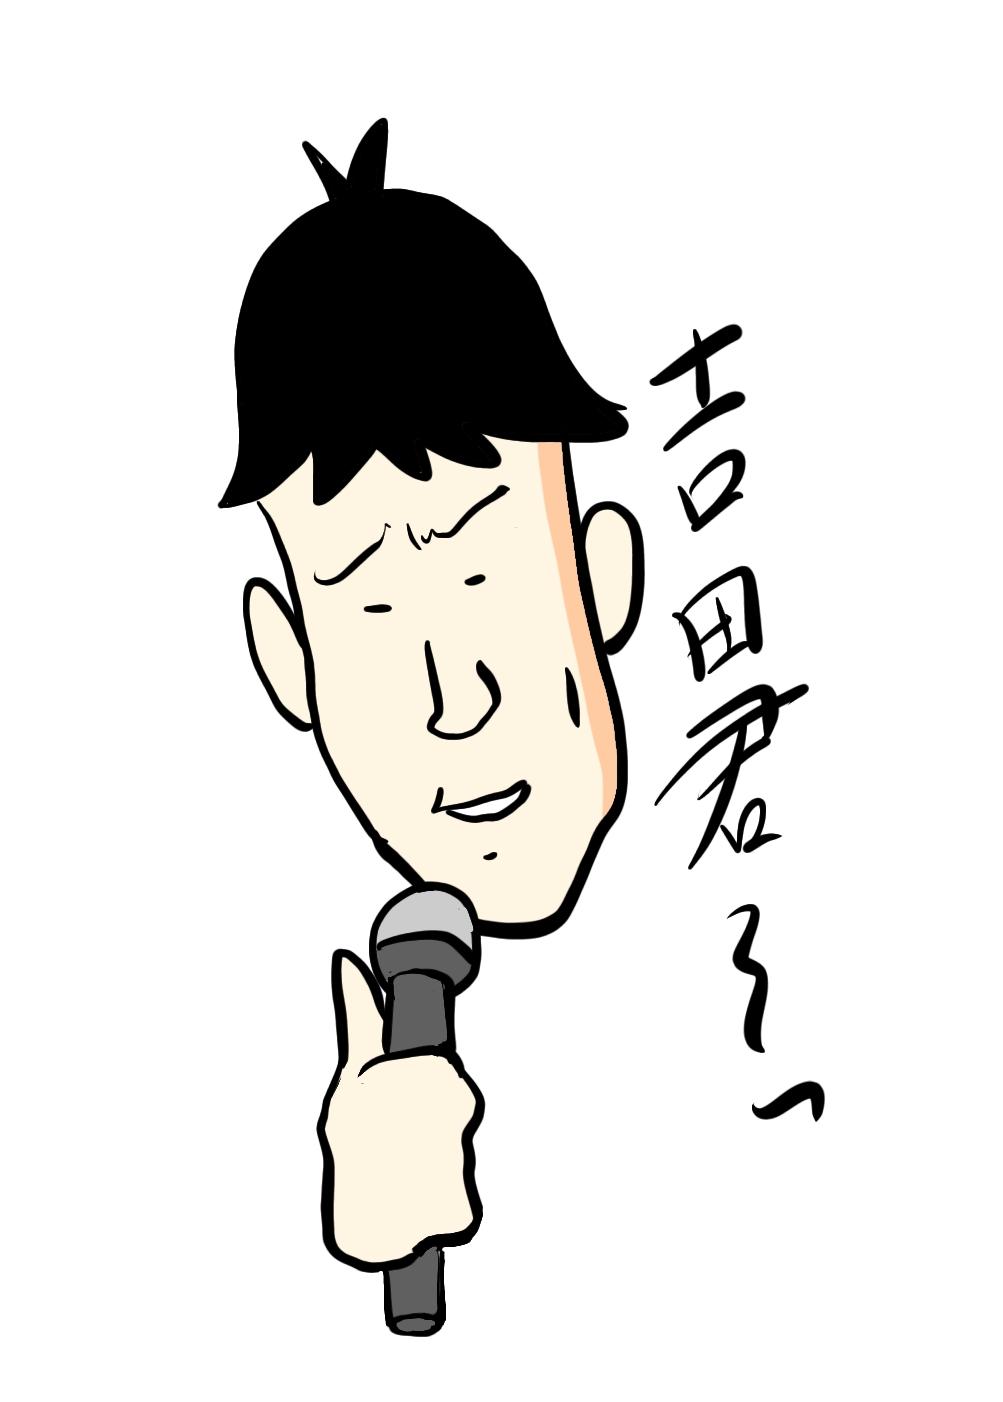 吉田港しゅうちゃん04